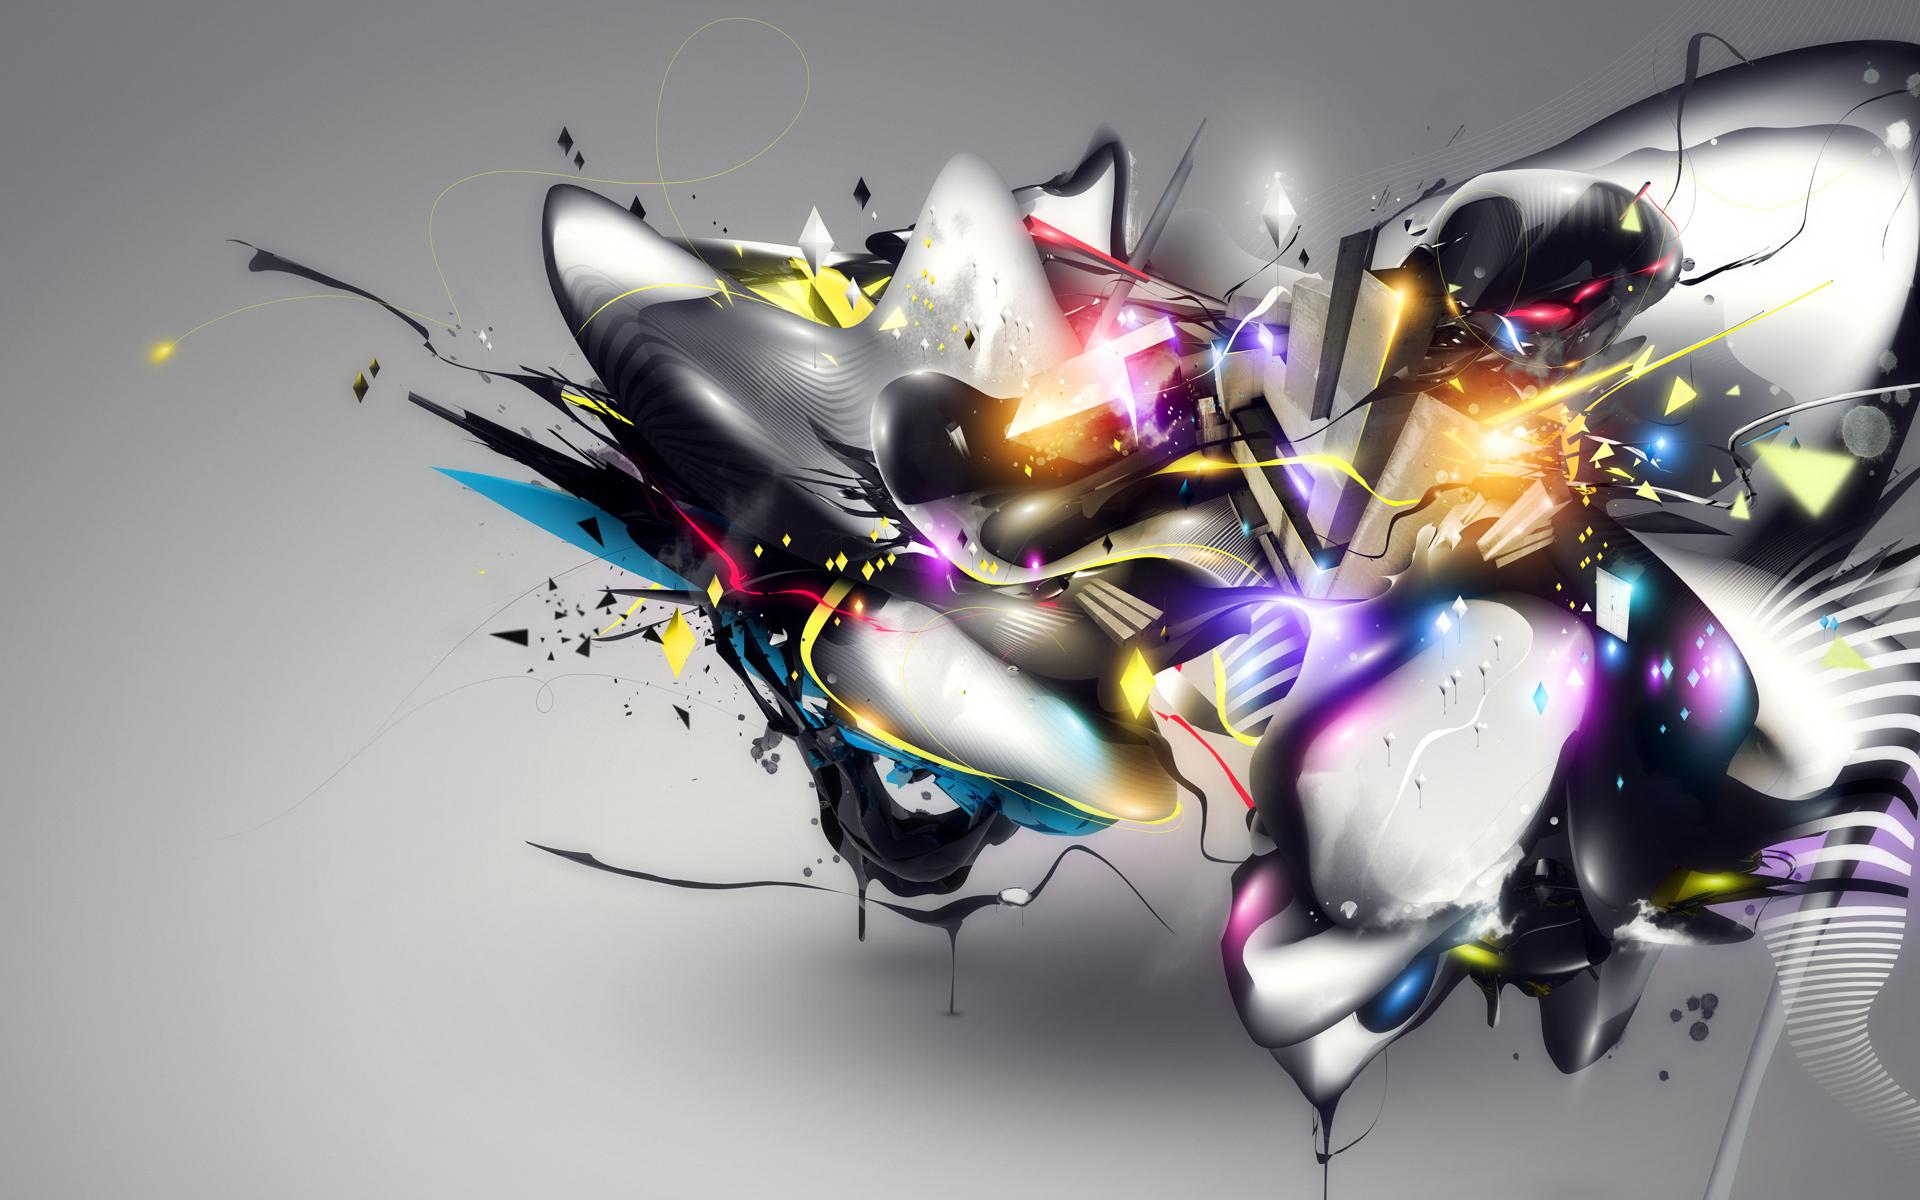 Abstracto Pintura Excelente 620707 Wallpaper wallpaper